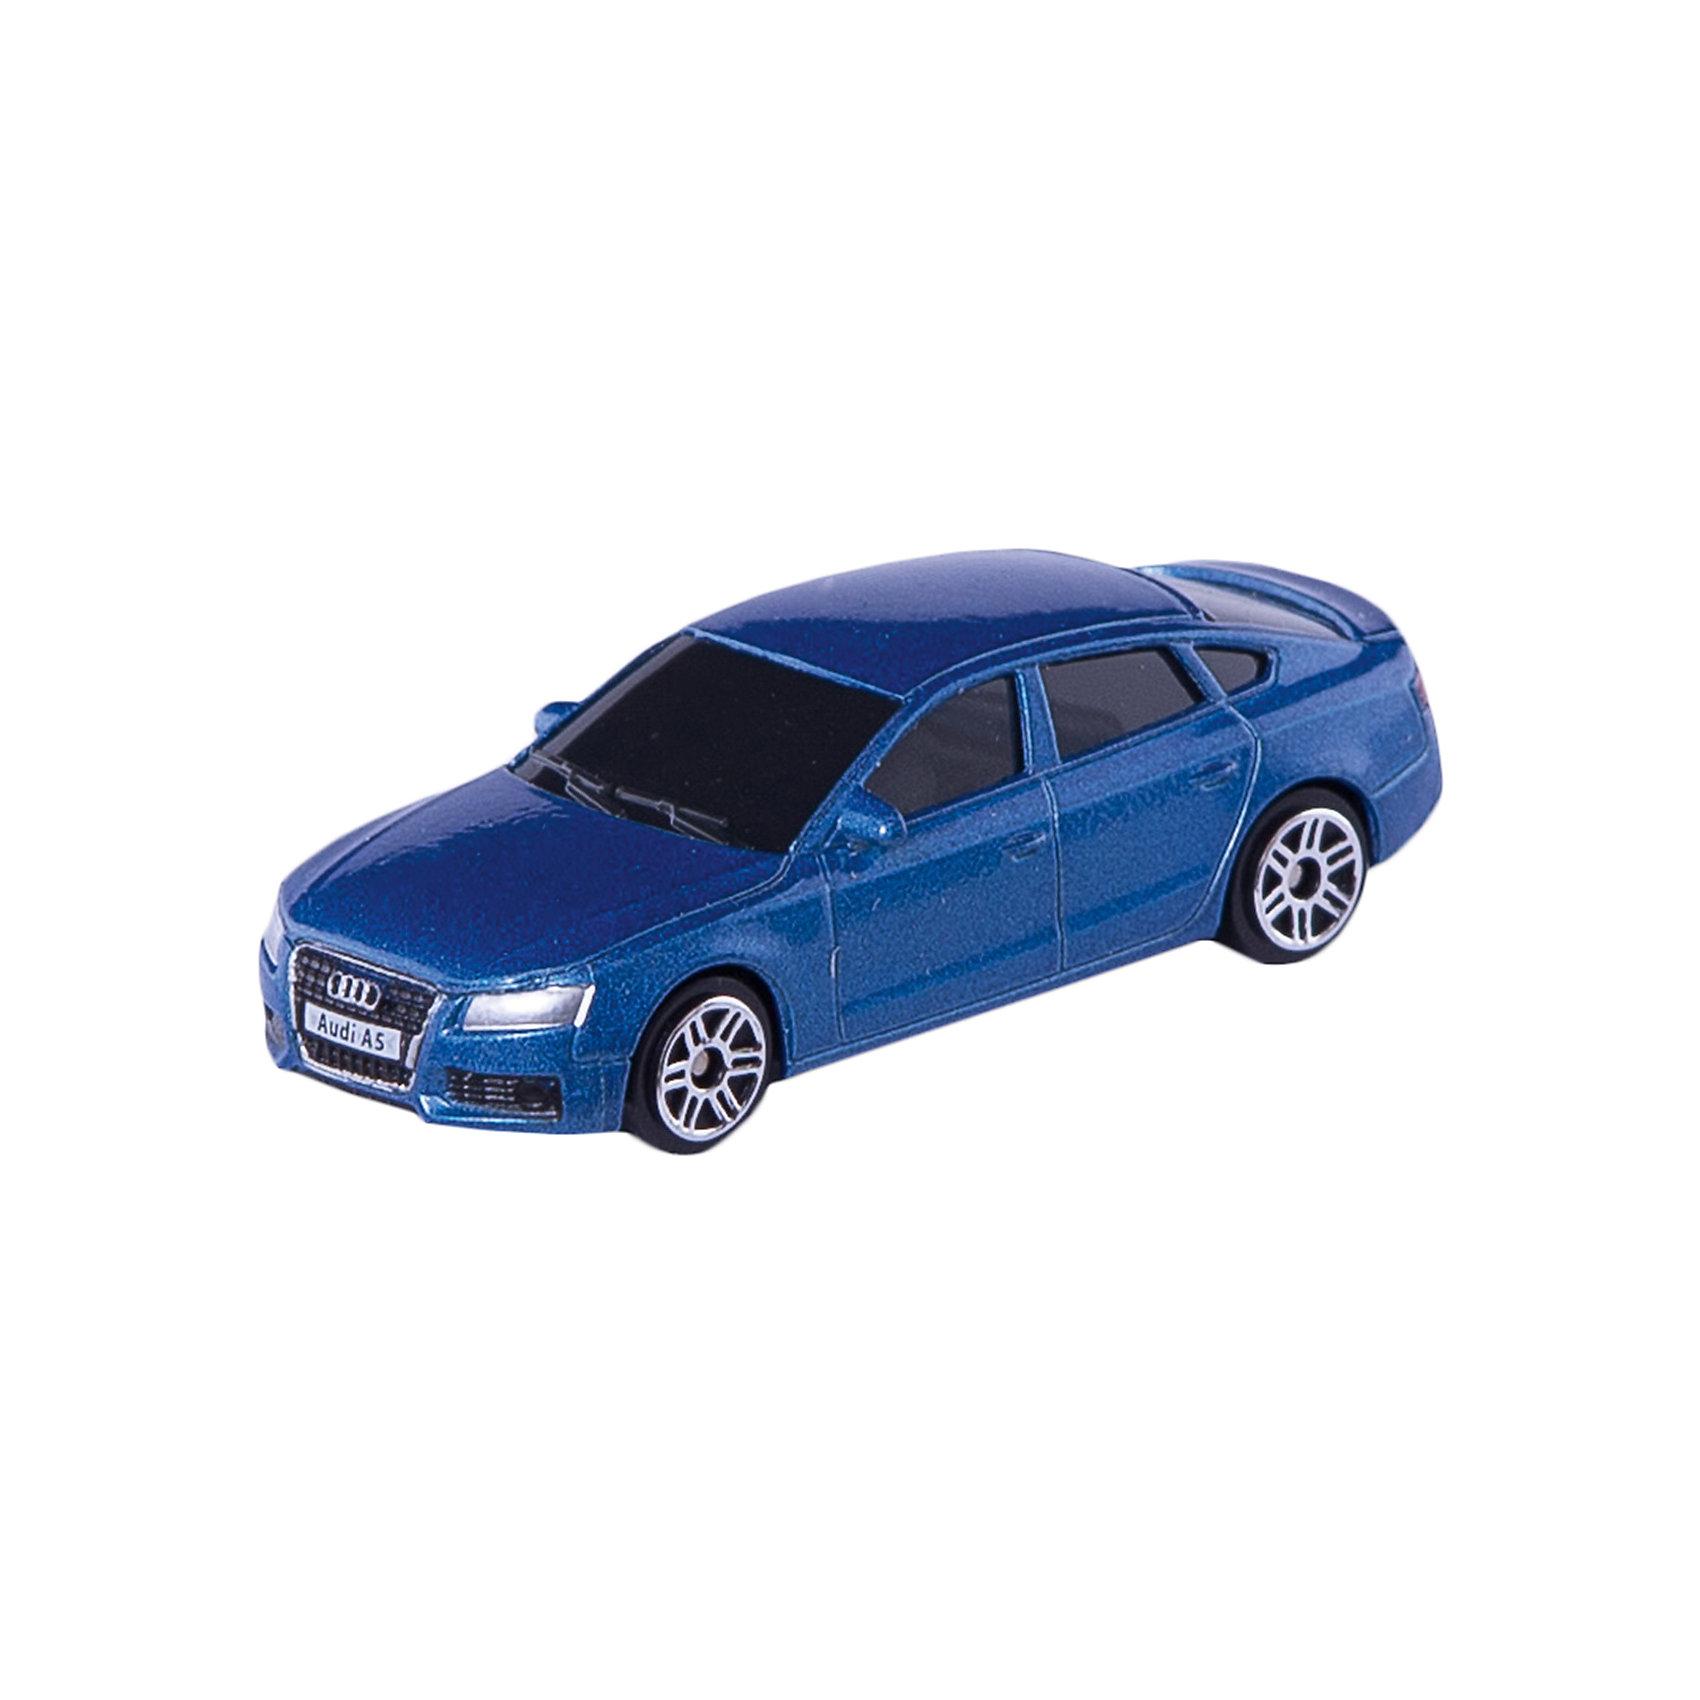 Машинка Audi A5 Sportback Jeans 3, AutotimeМашинки<br><br><br>Ширина мм: 90<br>Глубина мм: 42<br>Высота мм: 40<br>Вес г: 14<br>Возраст от месяцев: 36<br>Возраст до месяцев: 2147483647<br>Пол: Мужской<br>Возраст: Детский<br>SKU: 5584059